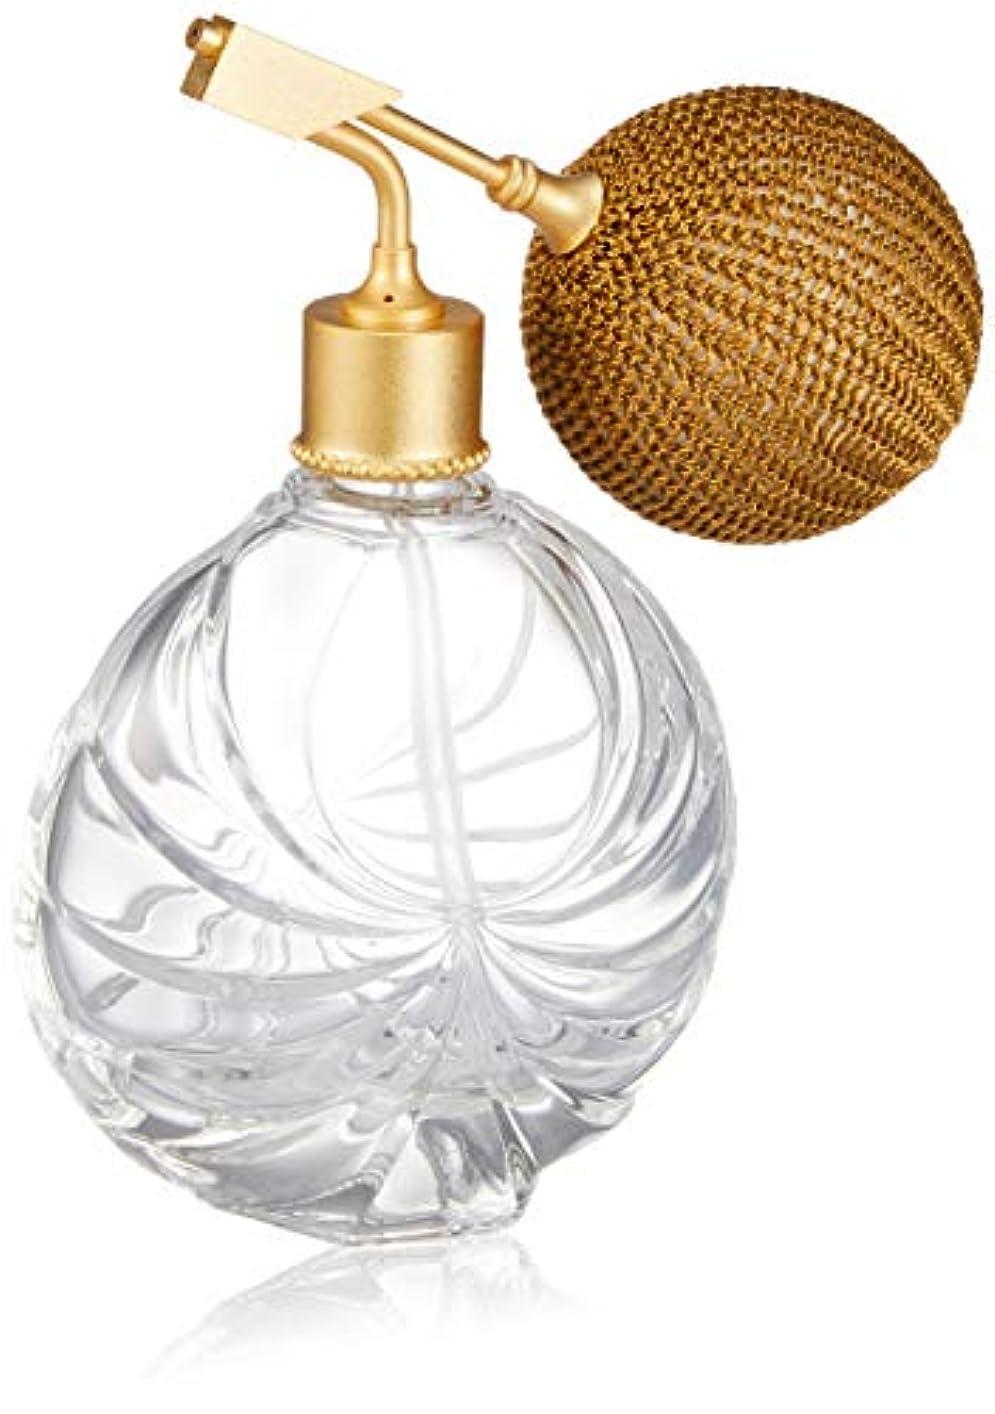 まで休戦登るヒロセアトマイザー フランス製香水瓶50ML Upper East Side 369872 (50MLタクジョウ) CLAG